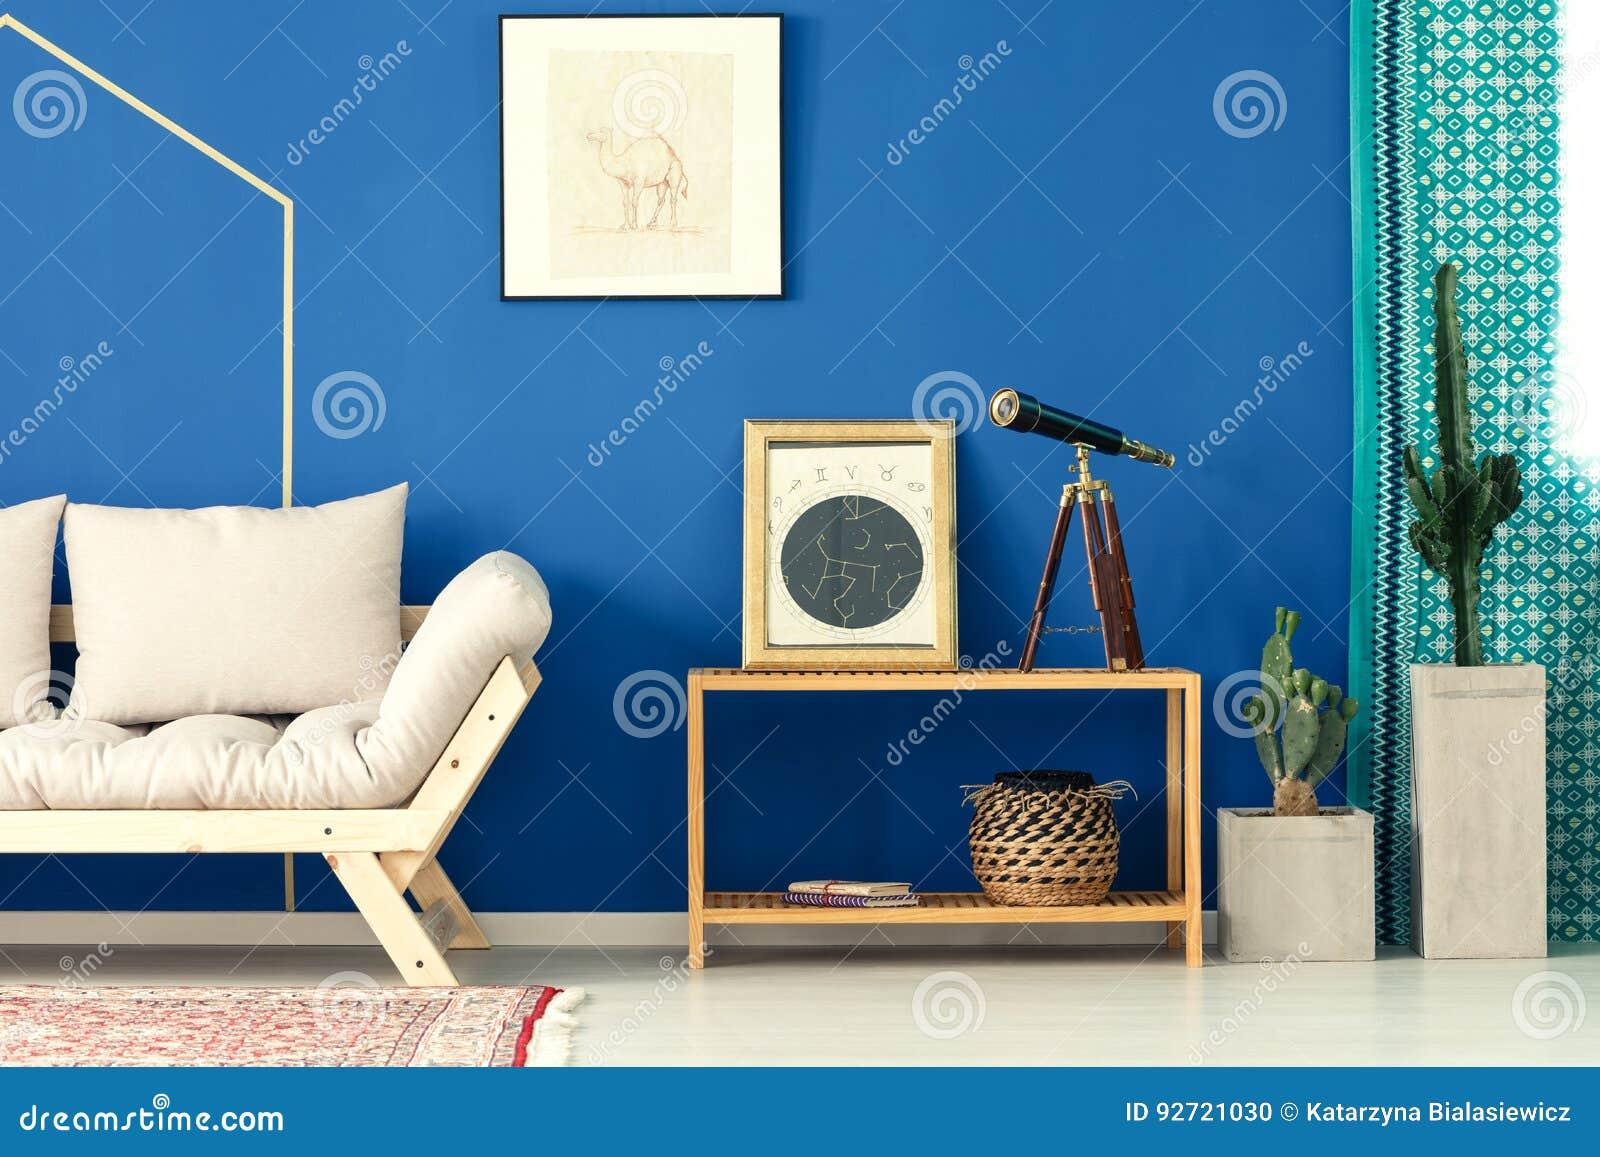 Blaues wohnzimmer mit kaktus stockfoto bild von dekoration teppich 92721030 - Blaues wohnzimmer ...